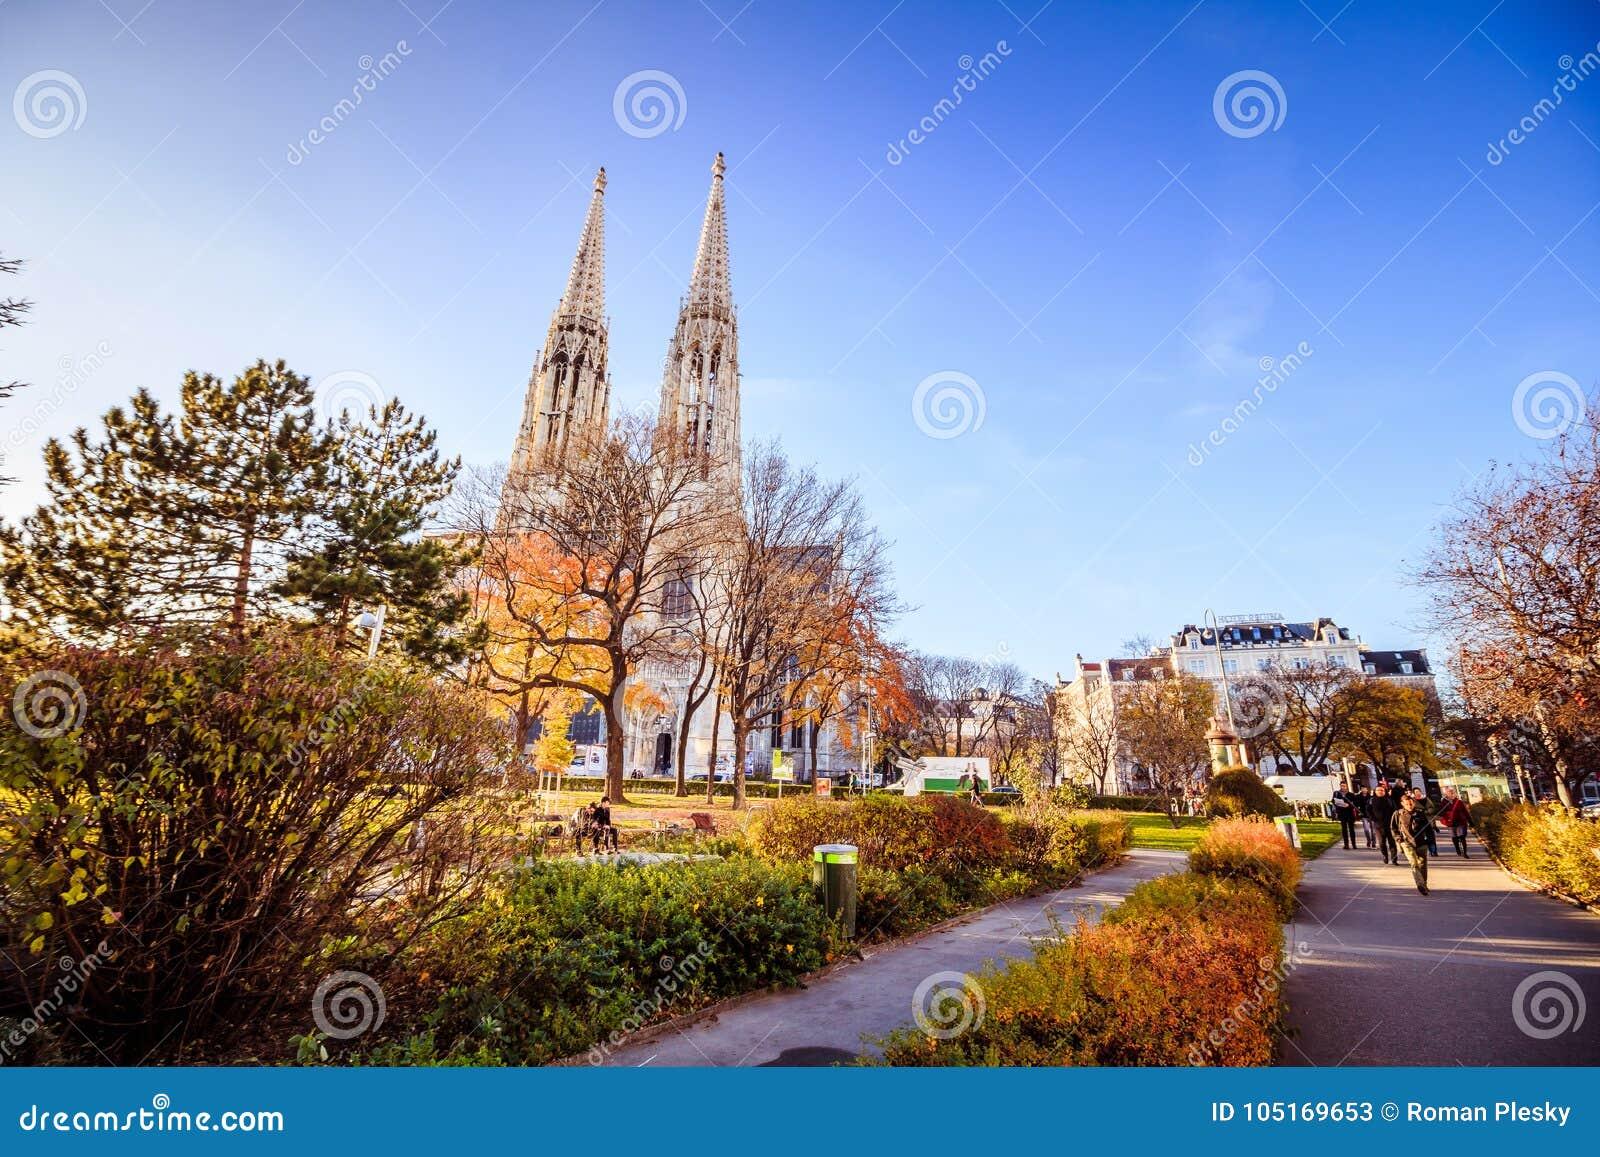 Église de Votiv dans Sigmund Freud Park à Vienne, Autriche